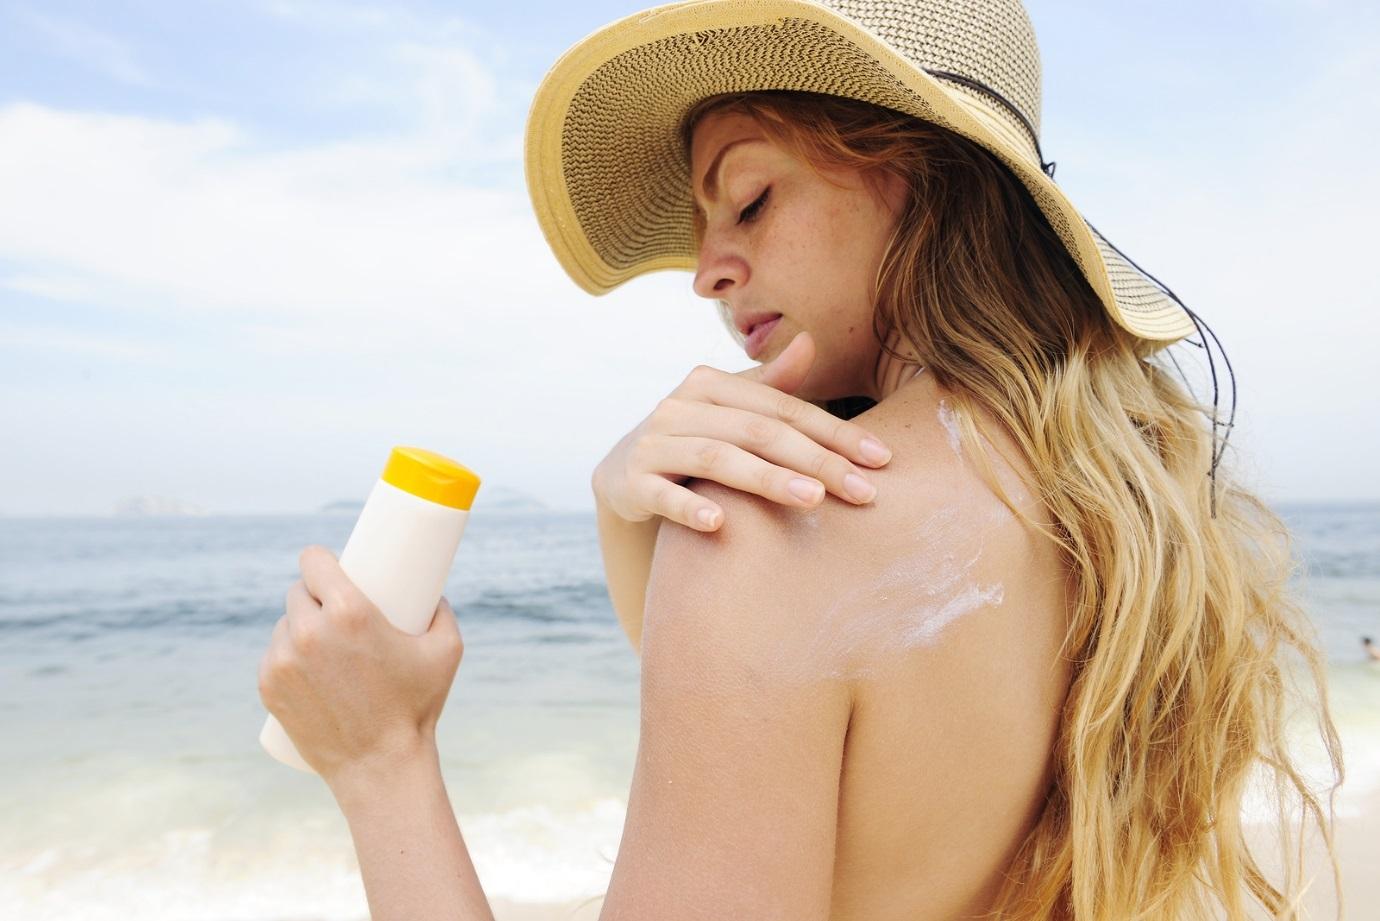 Sài Gòn nắng nóng bất thường, bạn đã làm gì để bảo vệ da? - Điều trị mụn Dr Huệ - Hình 3